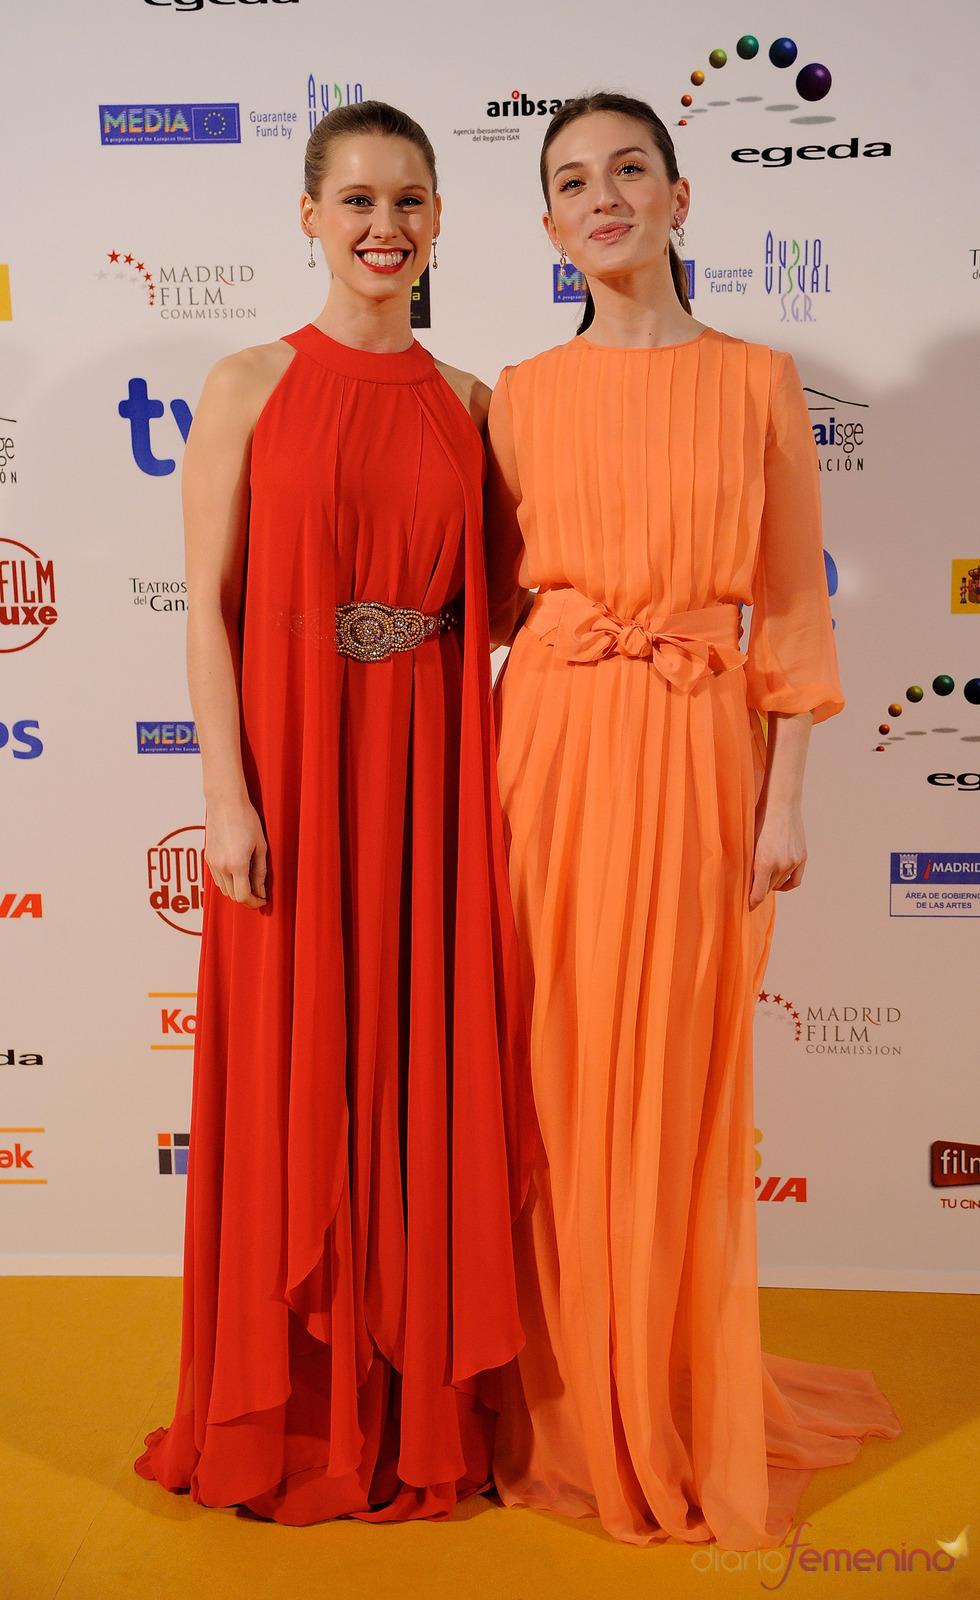 María Valverde y Manuela Velles en los Premios Jose María Forqué 2011